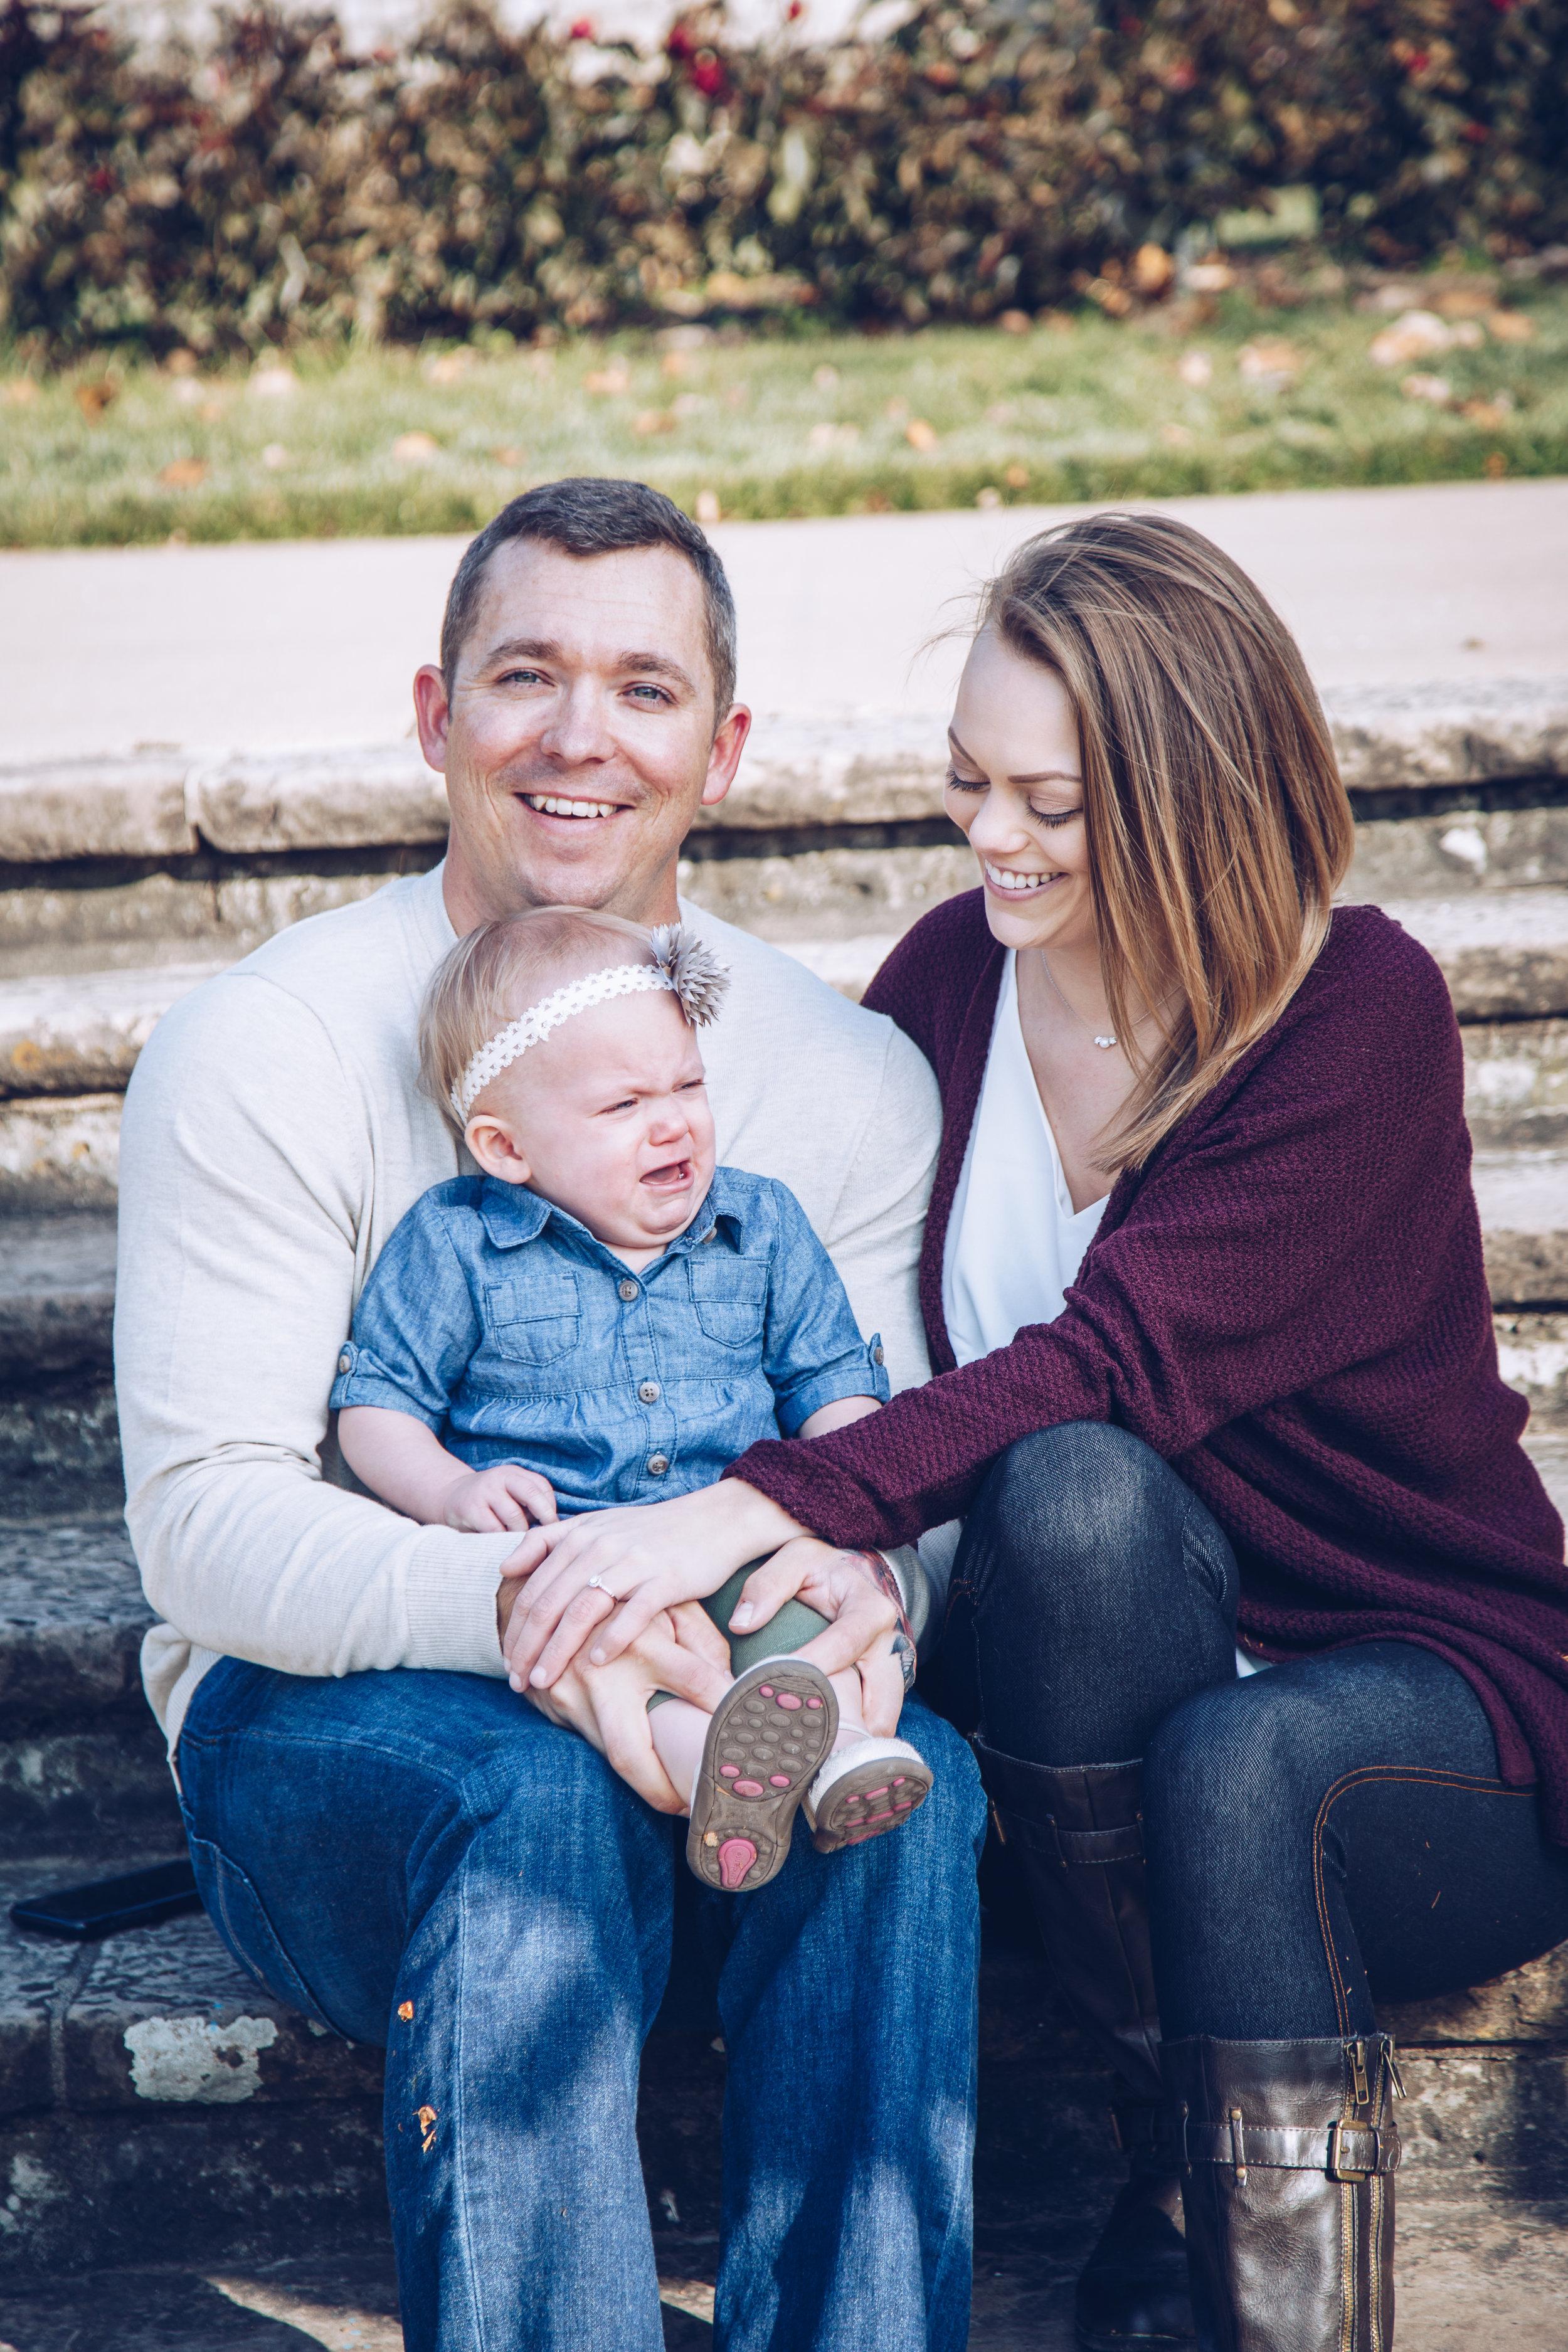 Bennett-Burrell Family Photos 2018 (38 of 39).jpg